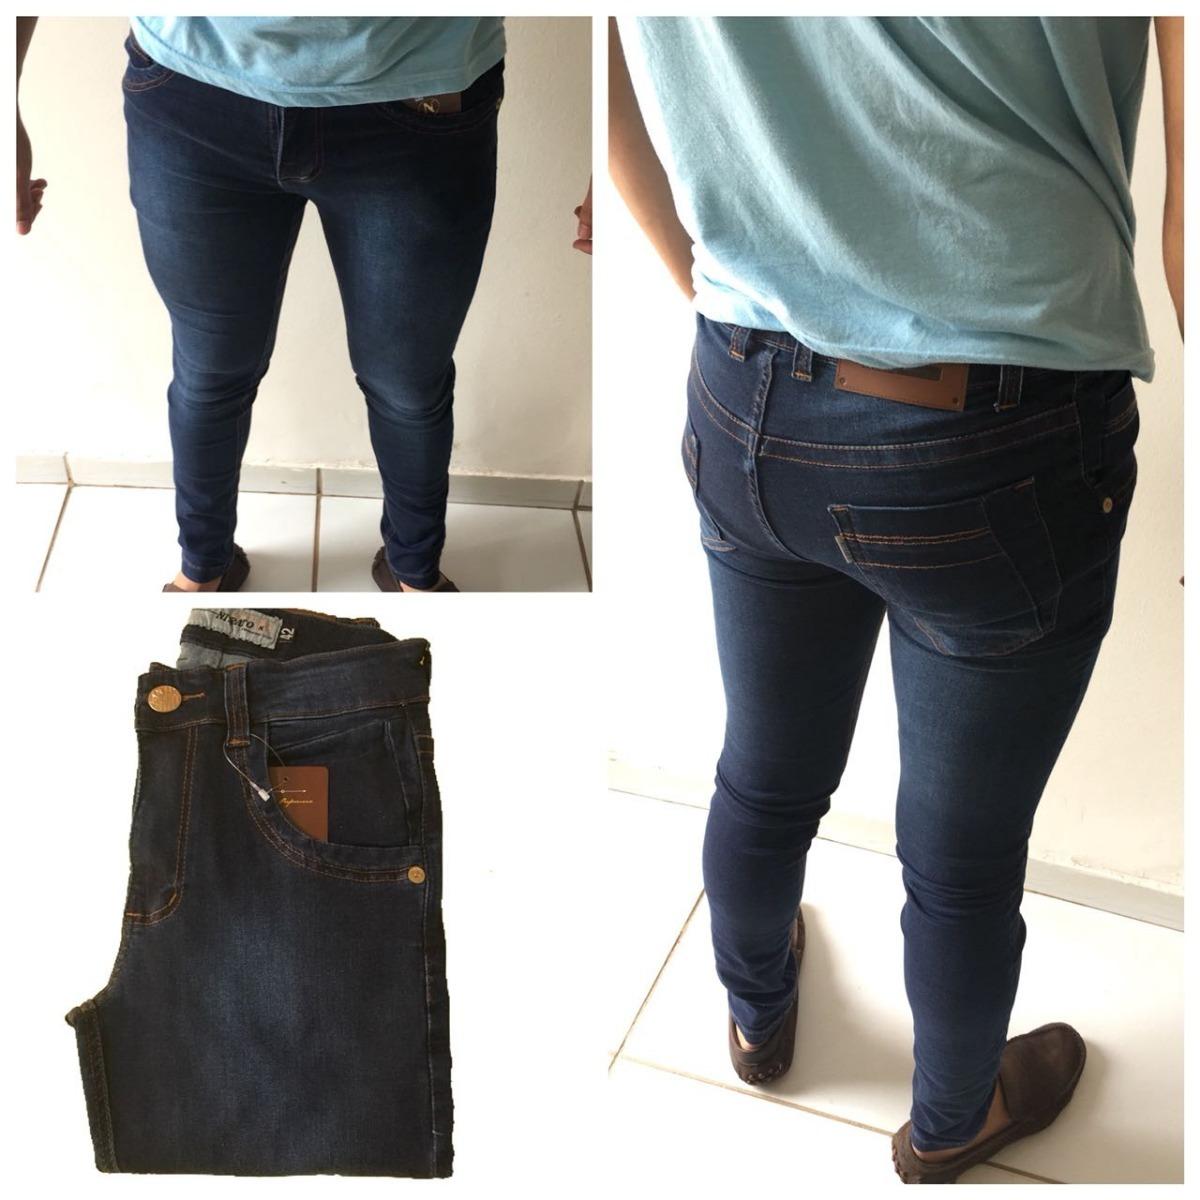 f75f3e98b4547 calças jeans masculina elastano kit c 2 atacado revenda top. Carregando  zoom.